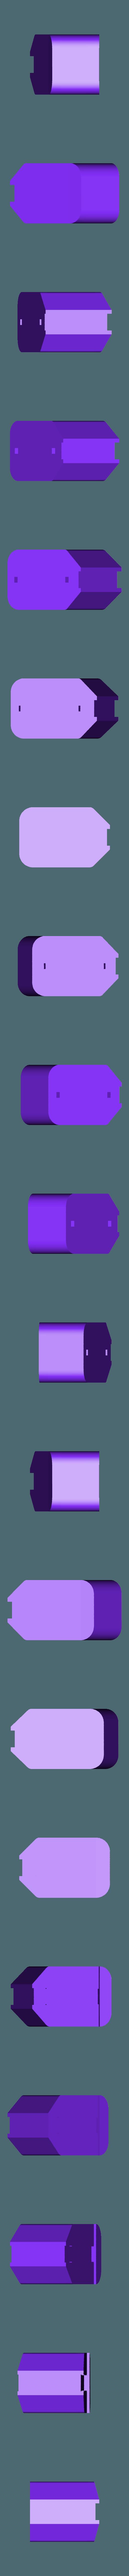 Muzzle_2.stl Télécharger fichier STL gratuit Le concept du fusil Khan de Marvels The Exiles • Plan pour imprimante 3D, Dsk